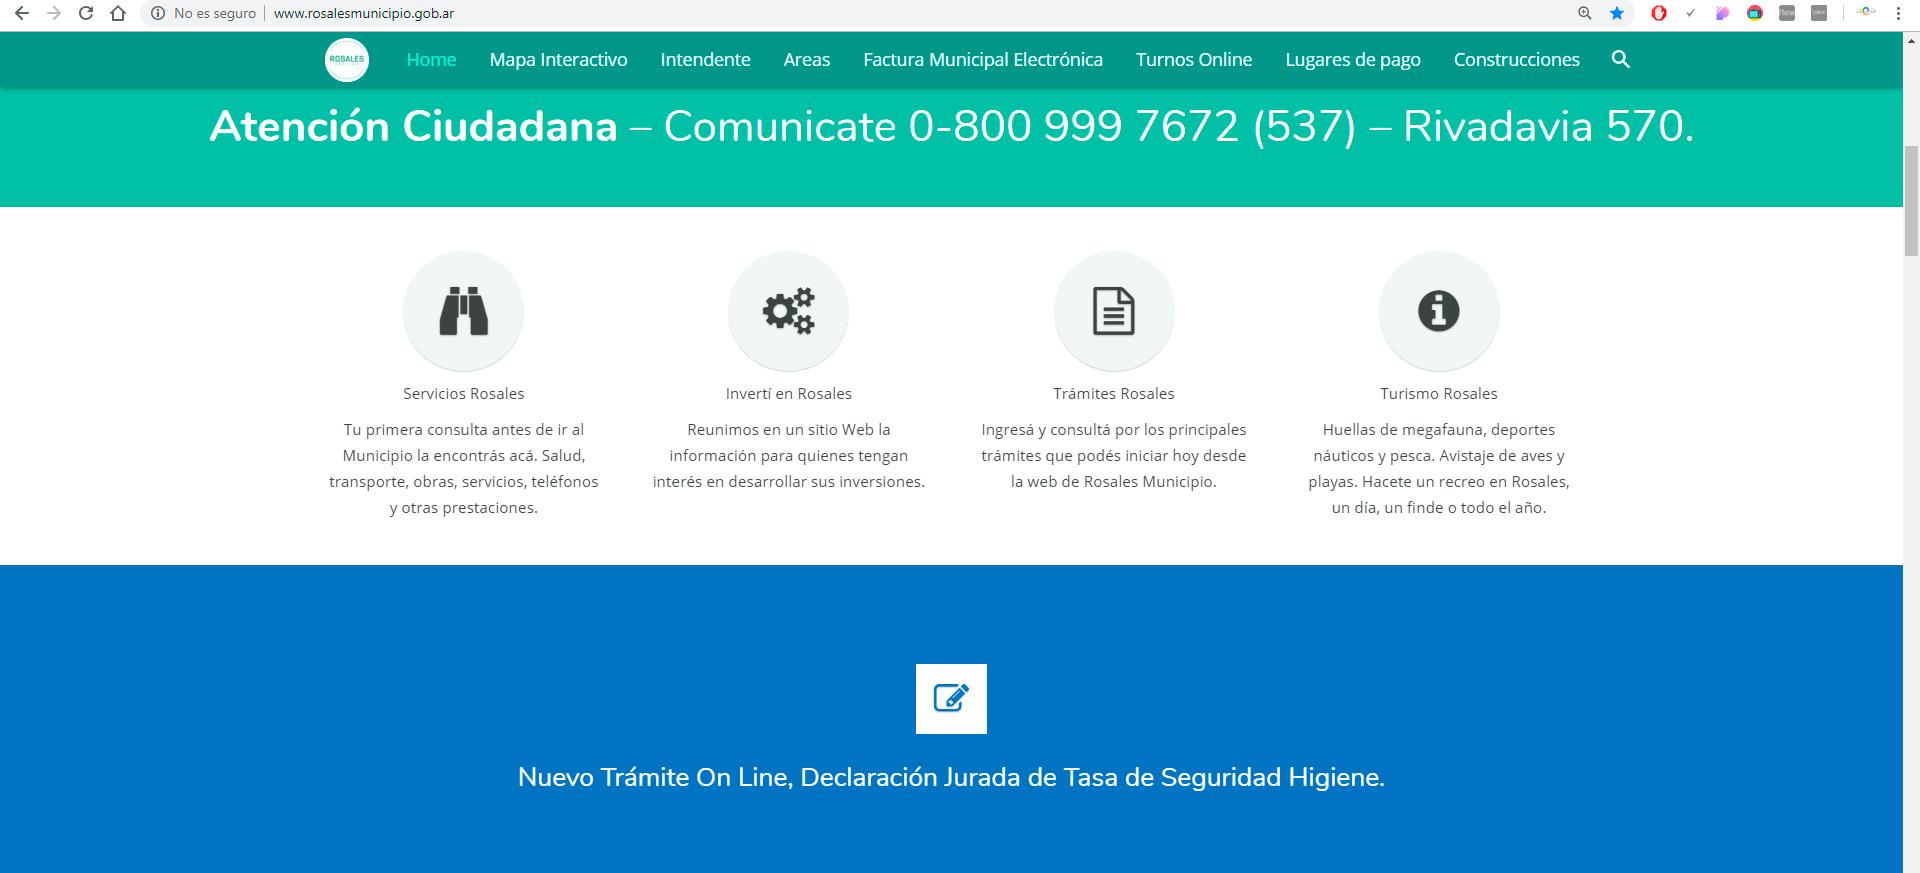 La pagina web www.rosalesmunicipio.gob.ar se encuentra de nuevo en línea.